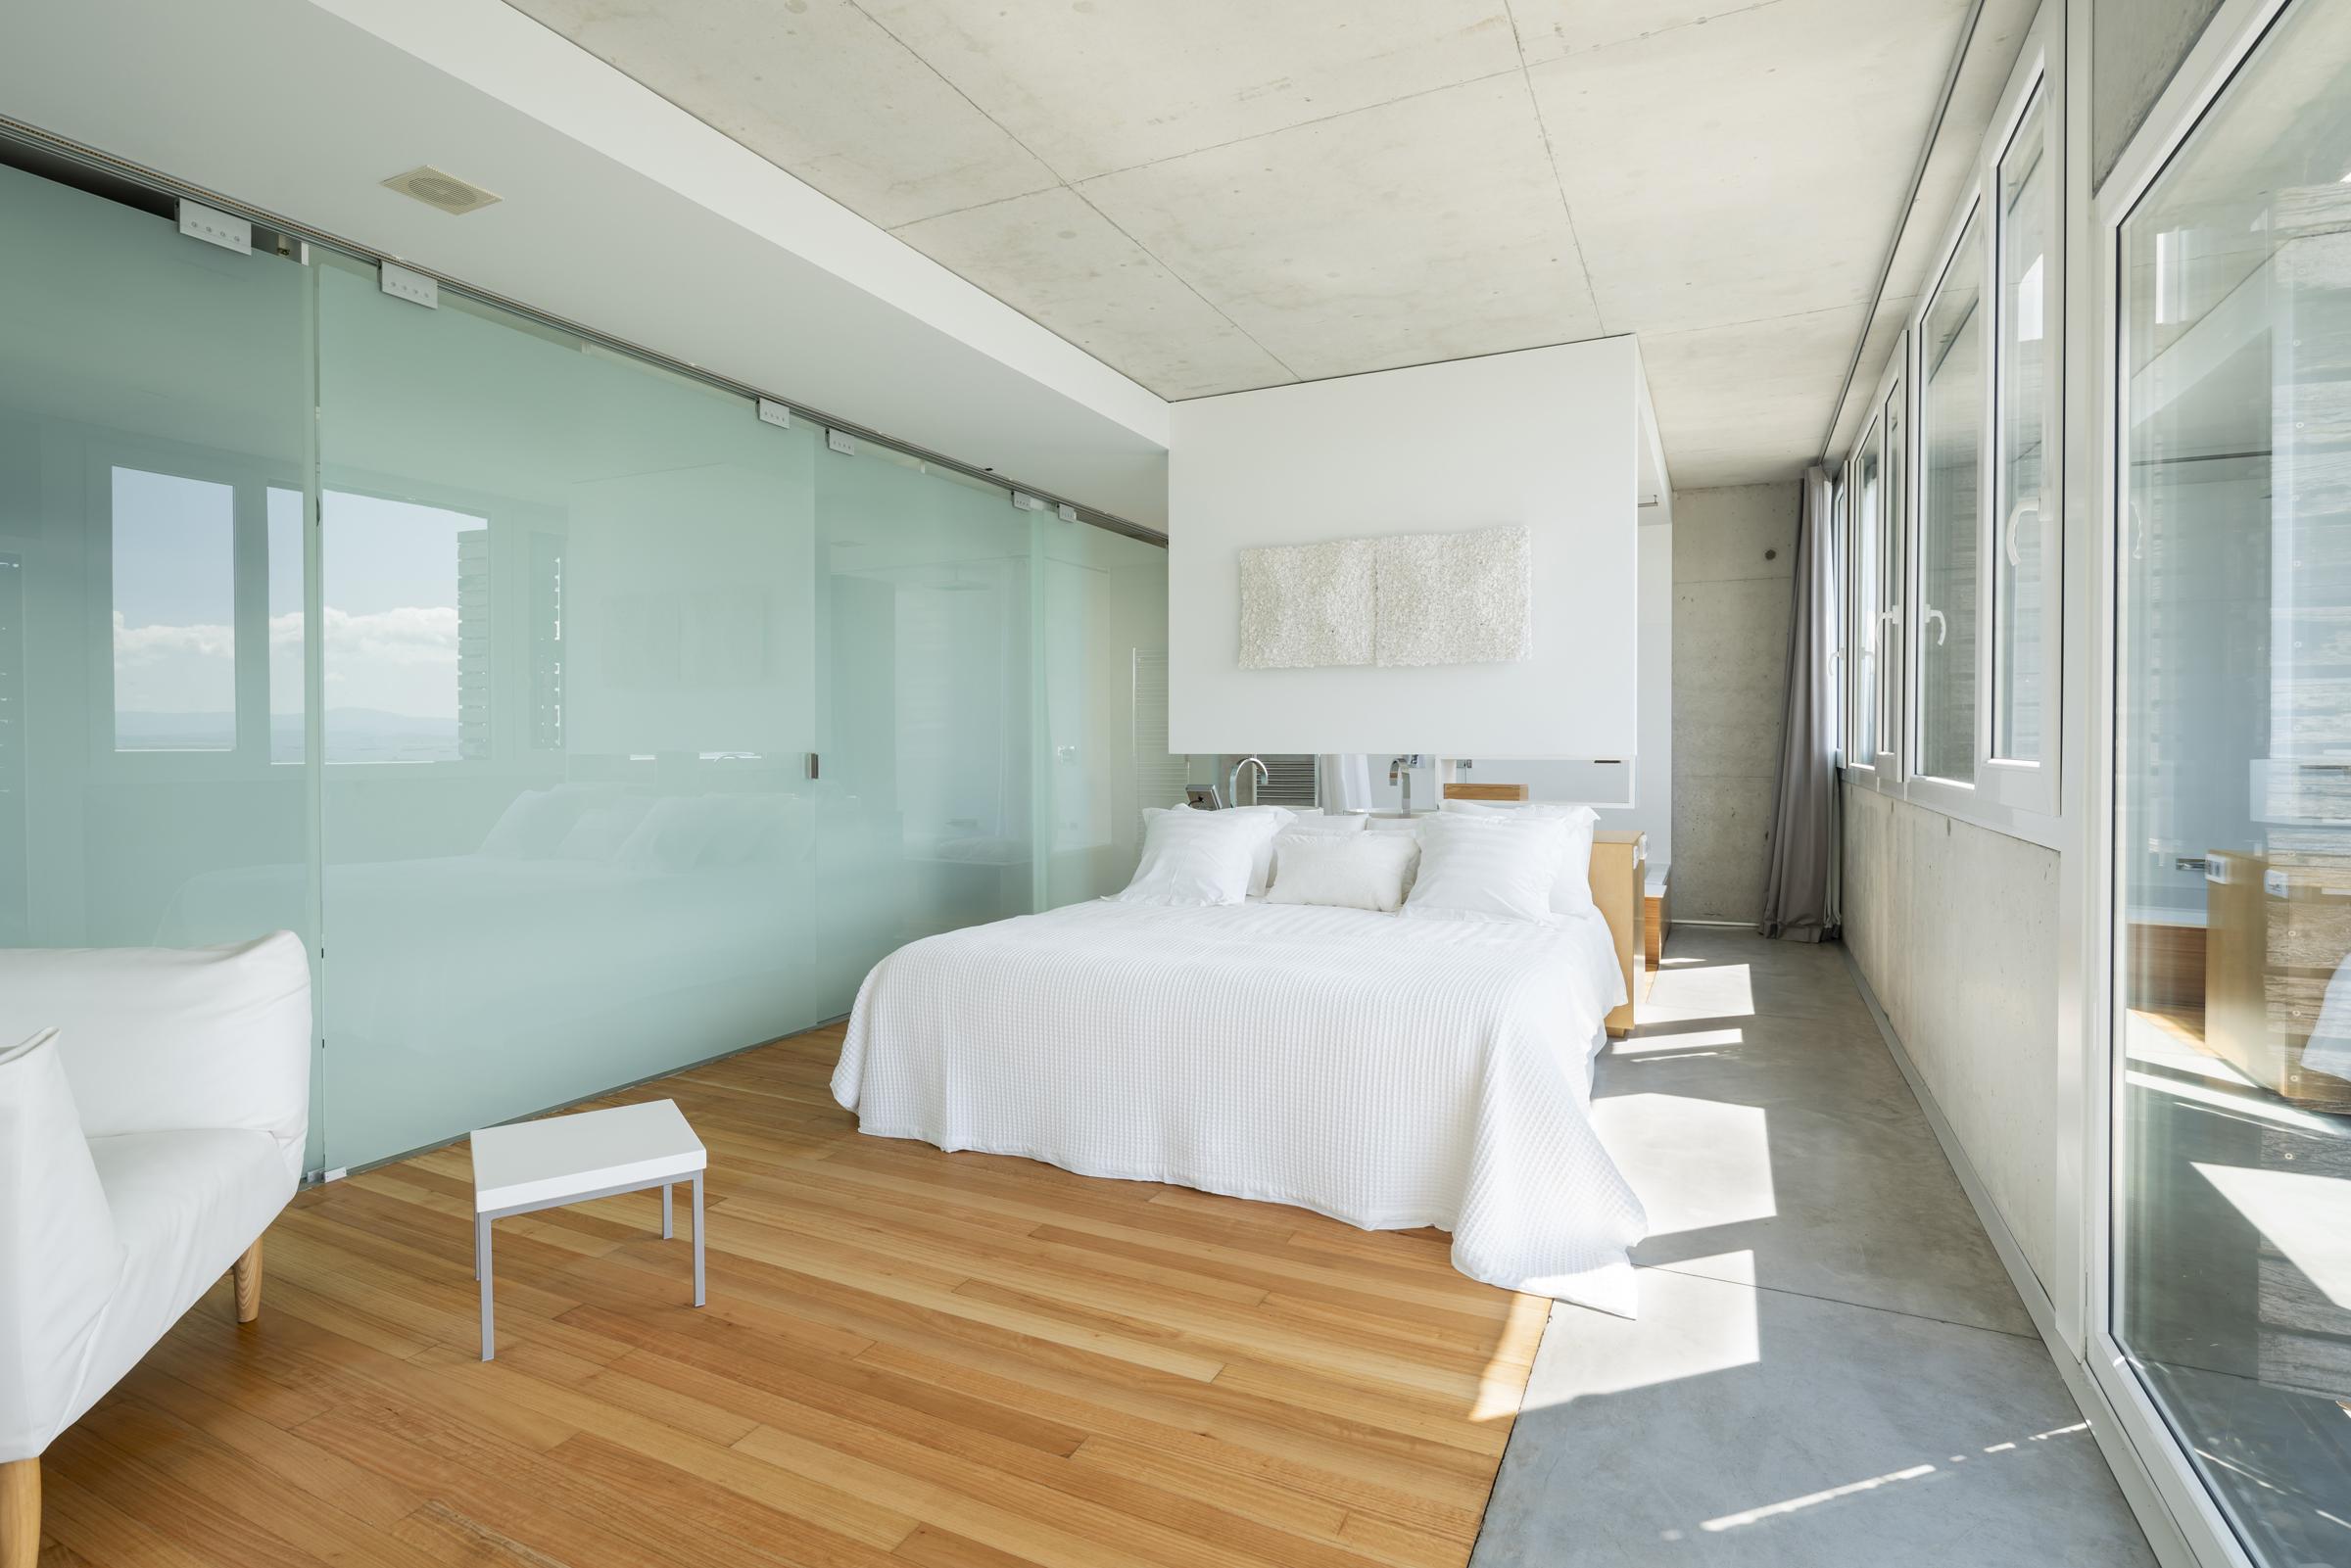 dezanove-house-luxury-villa-galicia-master-1